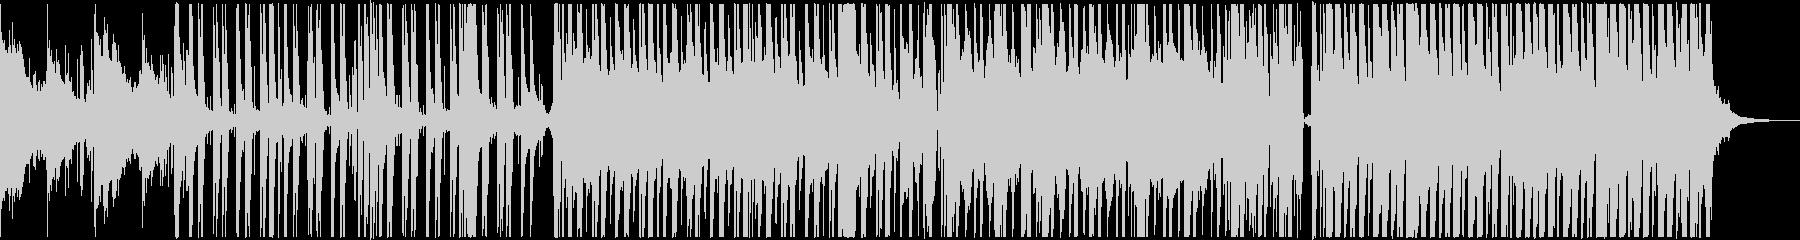 シンセとカリンバが融合したダンスチューンの未再生の波形